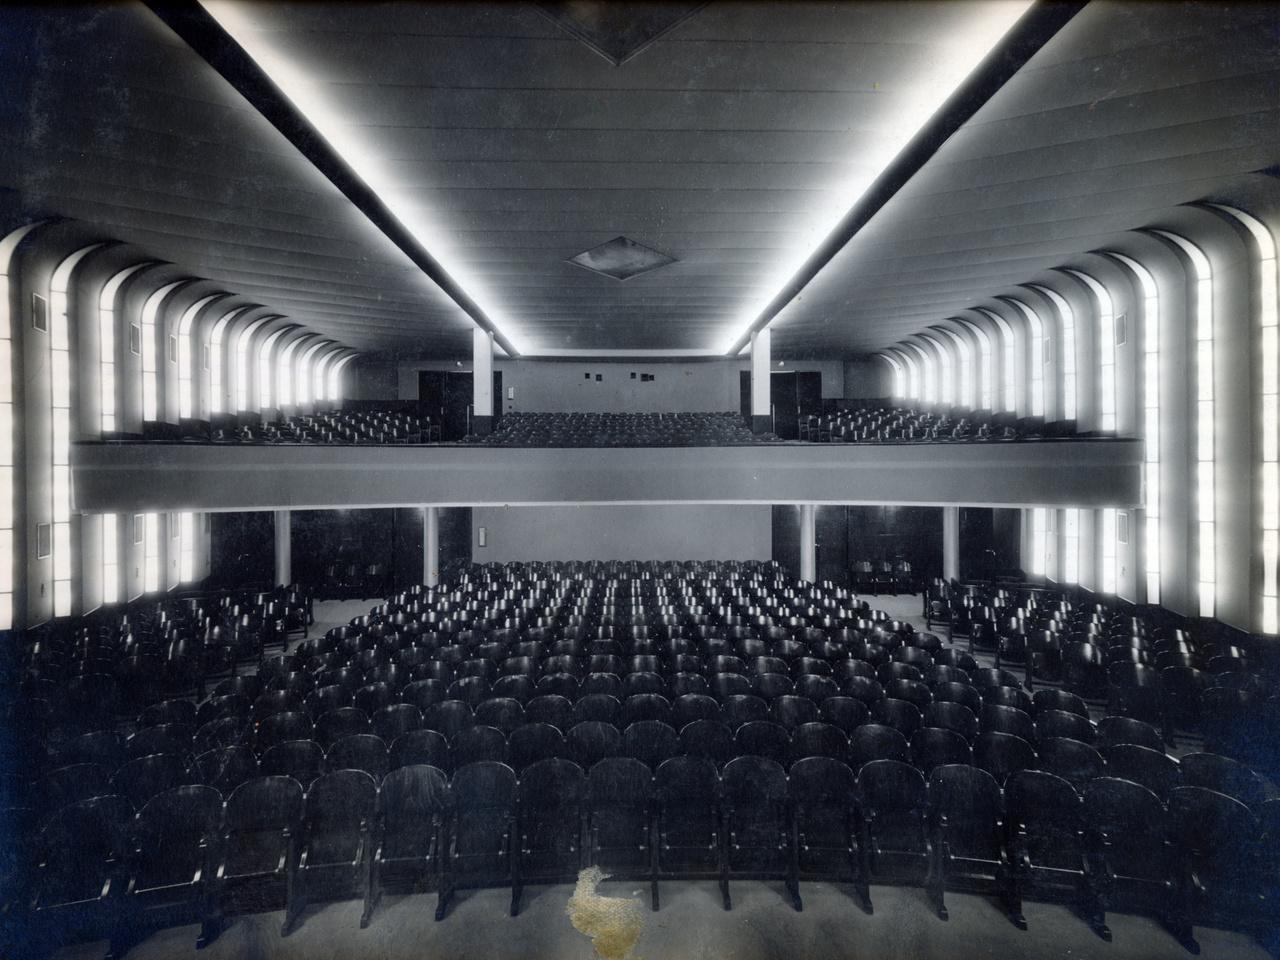 Korábban a régi színházaknál megszokott oldalerkélyekkel, zsölyével, hátul néhány széksor mélységű karzattal épültek a mozik. Itt azonban szinte egy második nézőtérszintet hoztak létre.